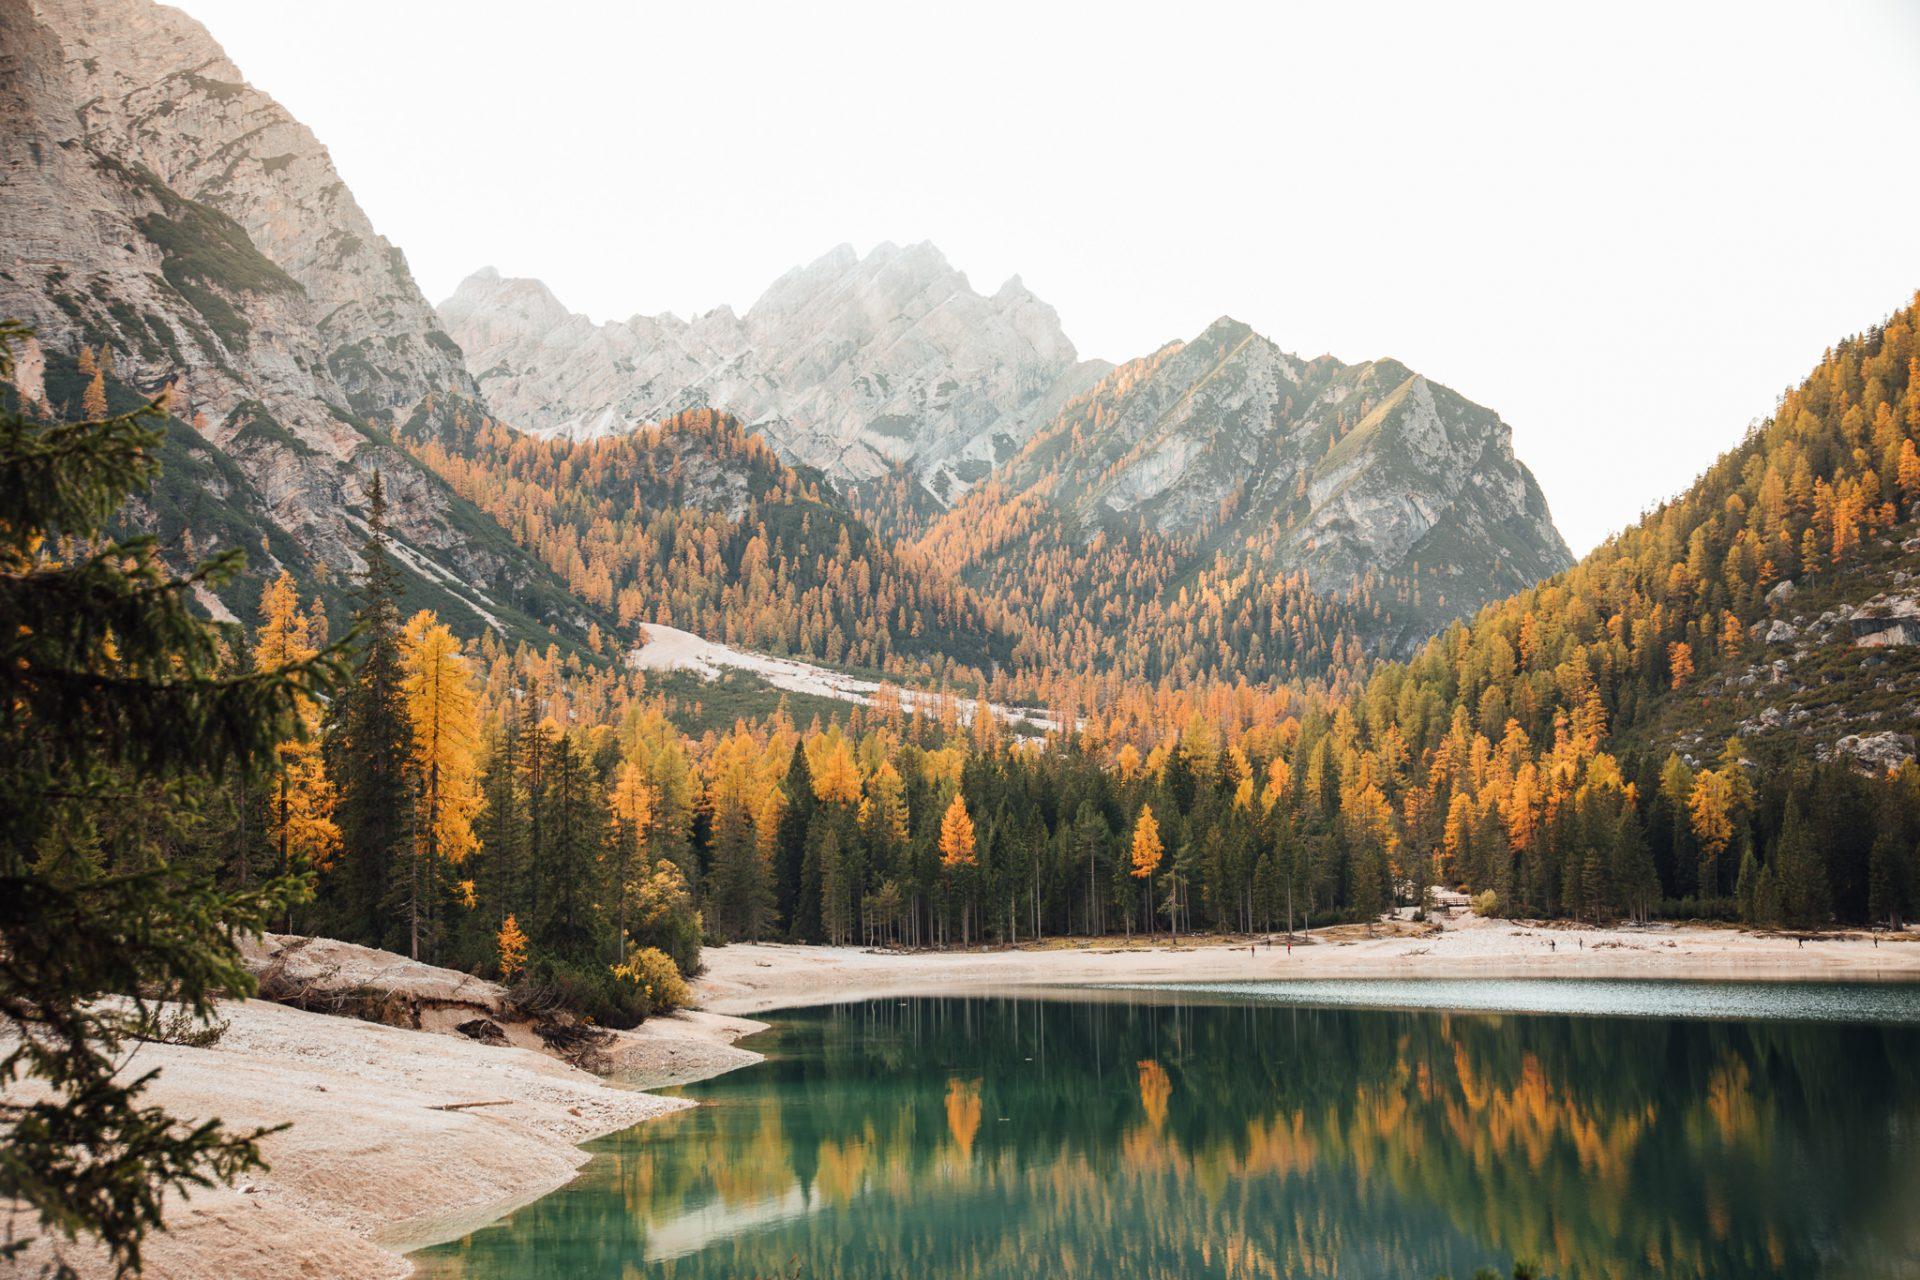 lago-di-braies-najpiękniejsze-jeziora-w-dolomitach